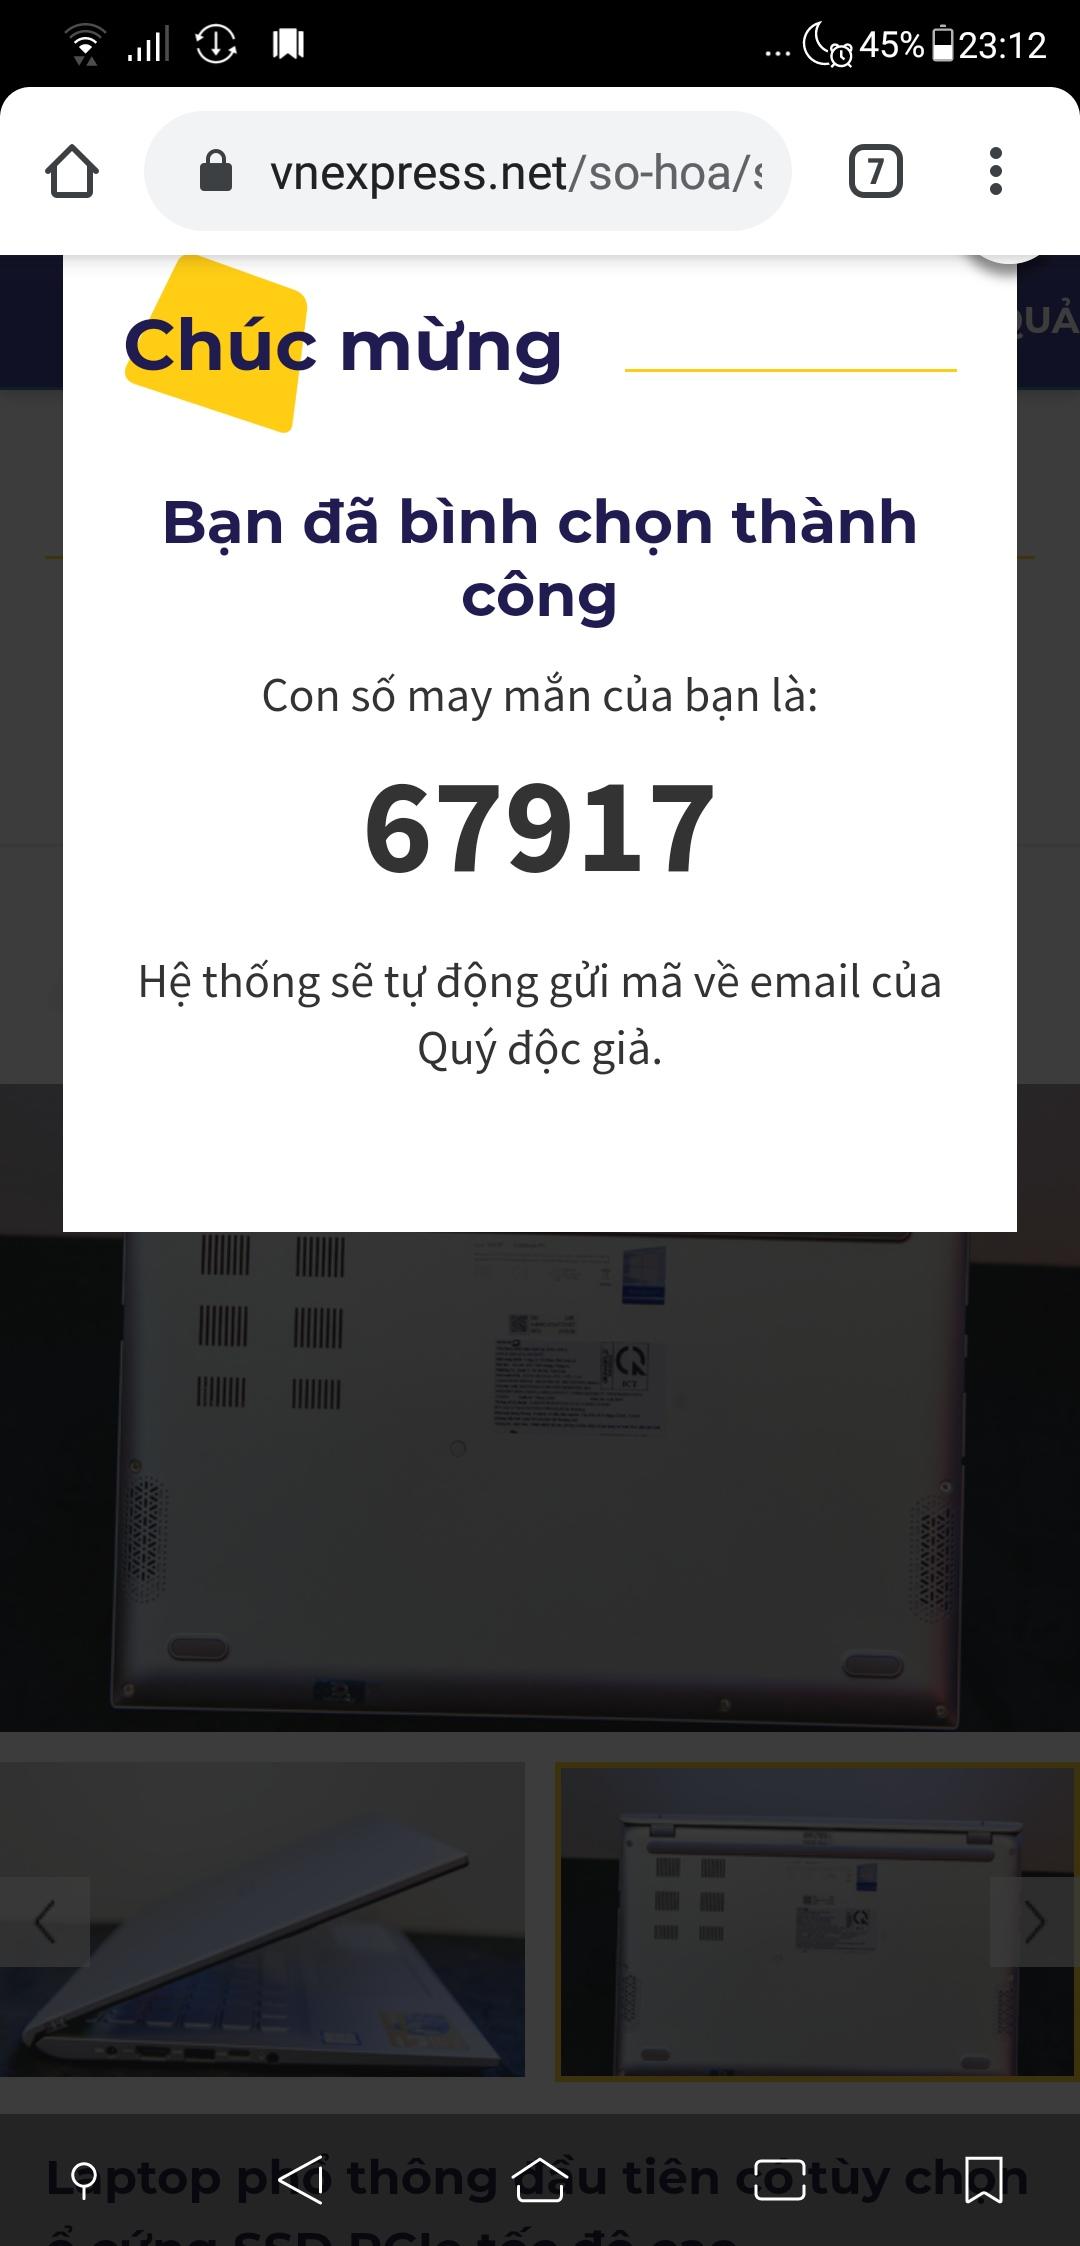 screenshot_20191129-231215-jpg.8887